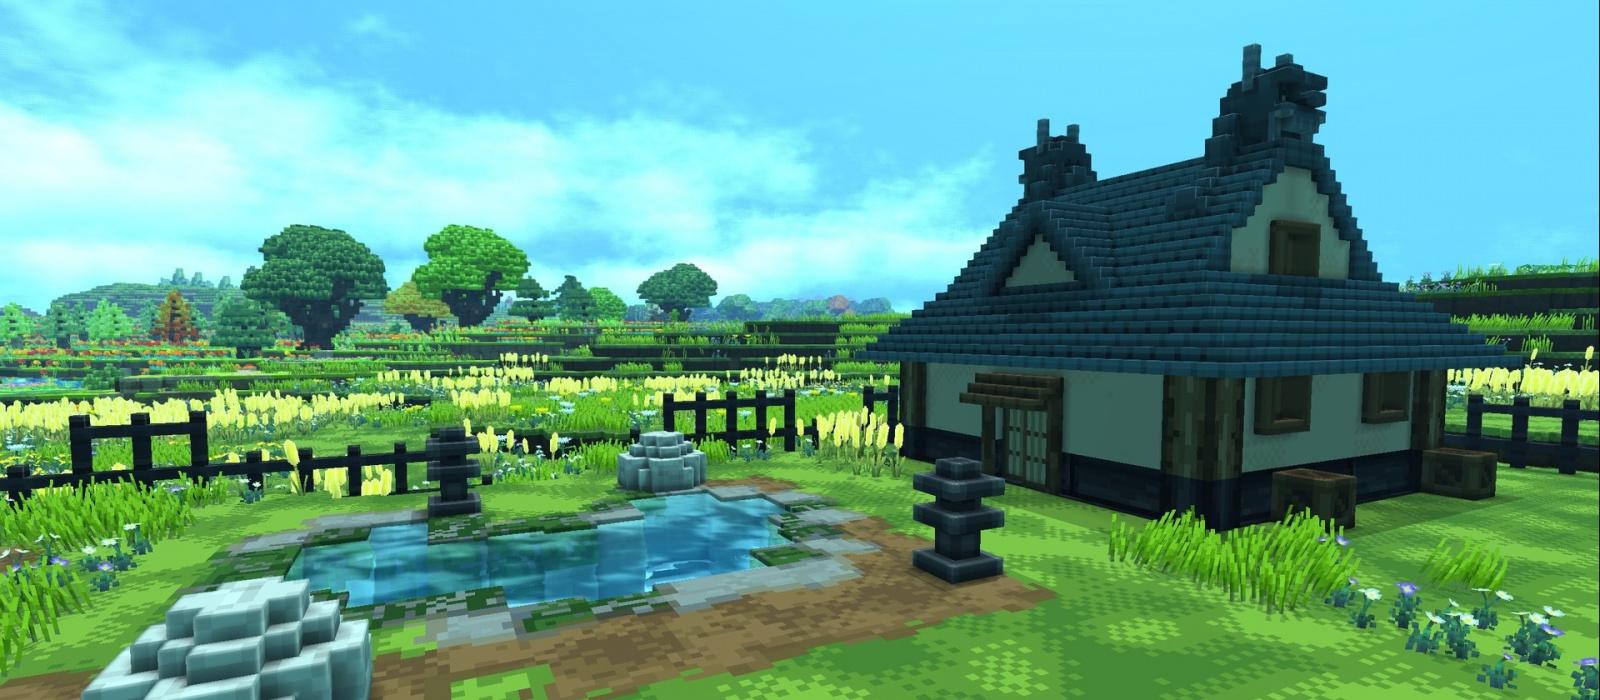 Neue Minecraft-ähnliche Open World Sandbox auf Steam – Videos und Screenshots erscheinen